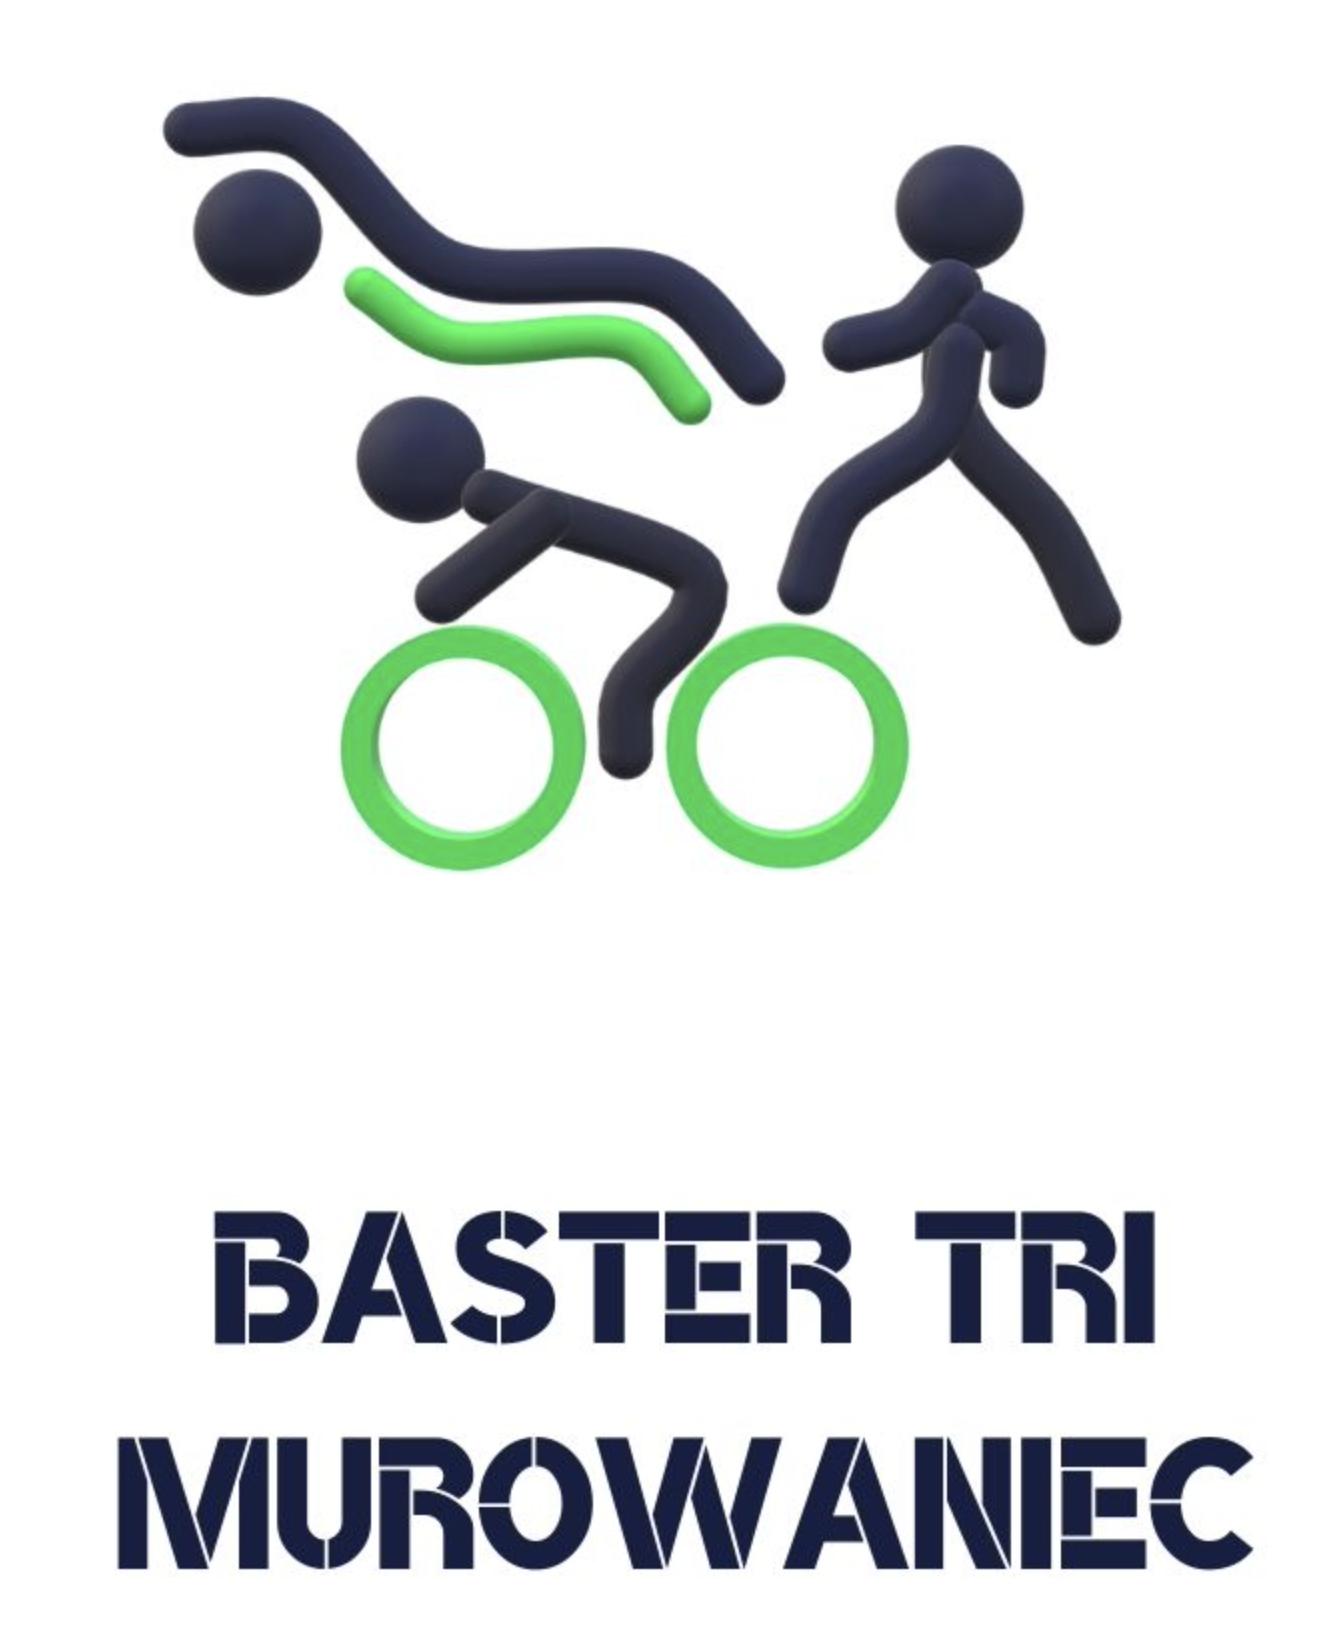 Logo Zawodów Baster Tri Murowaniec Triathlon 2021 - 1/8 ironman